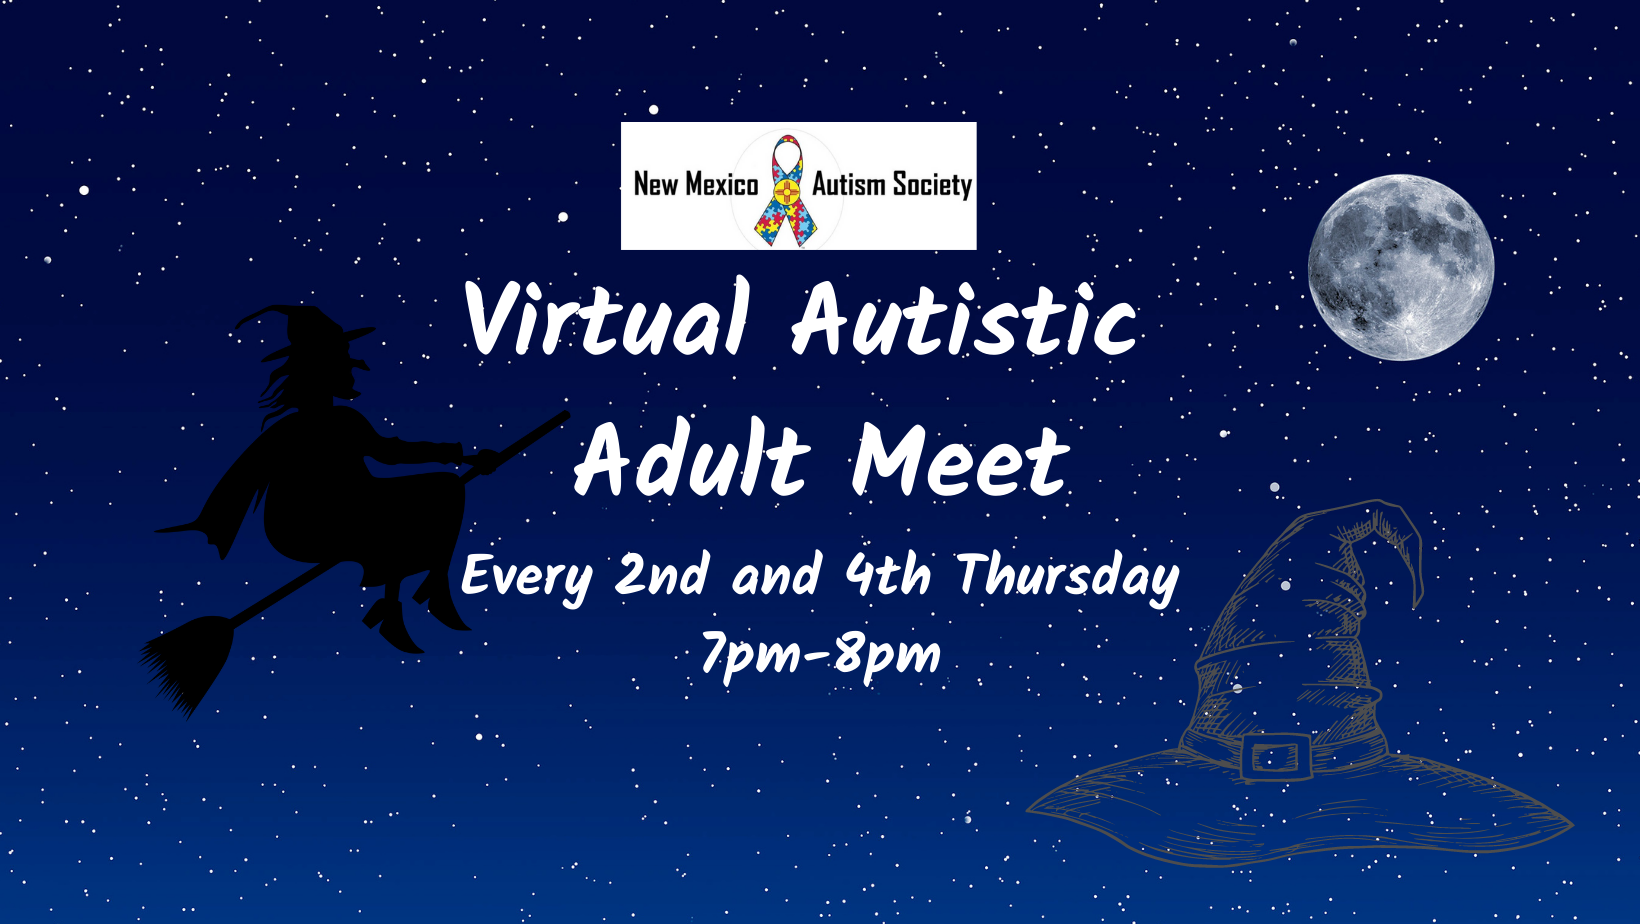 Virtual Autistic Adult Meet  Image